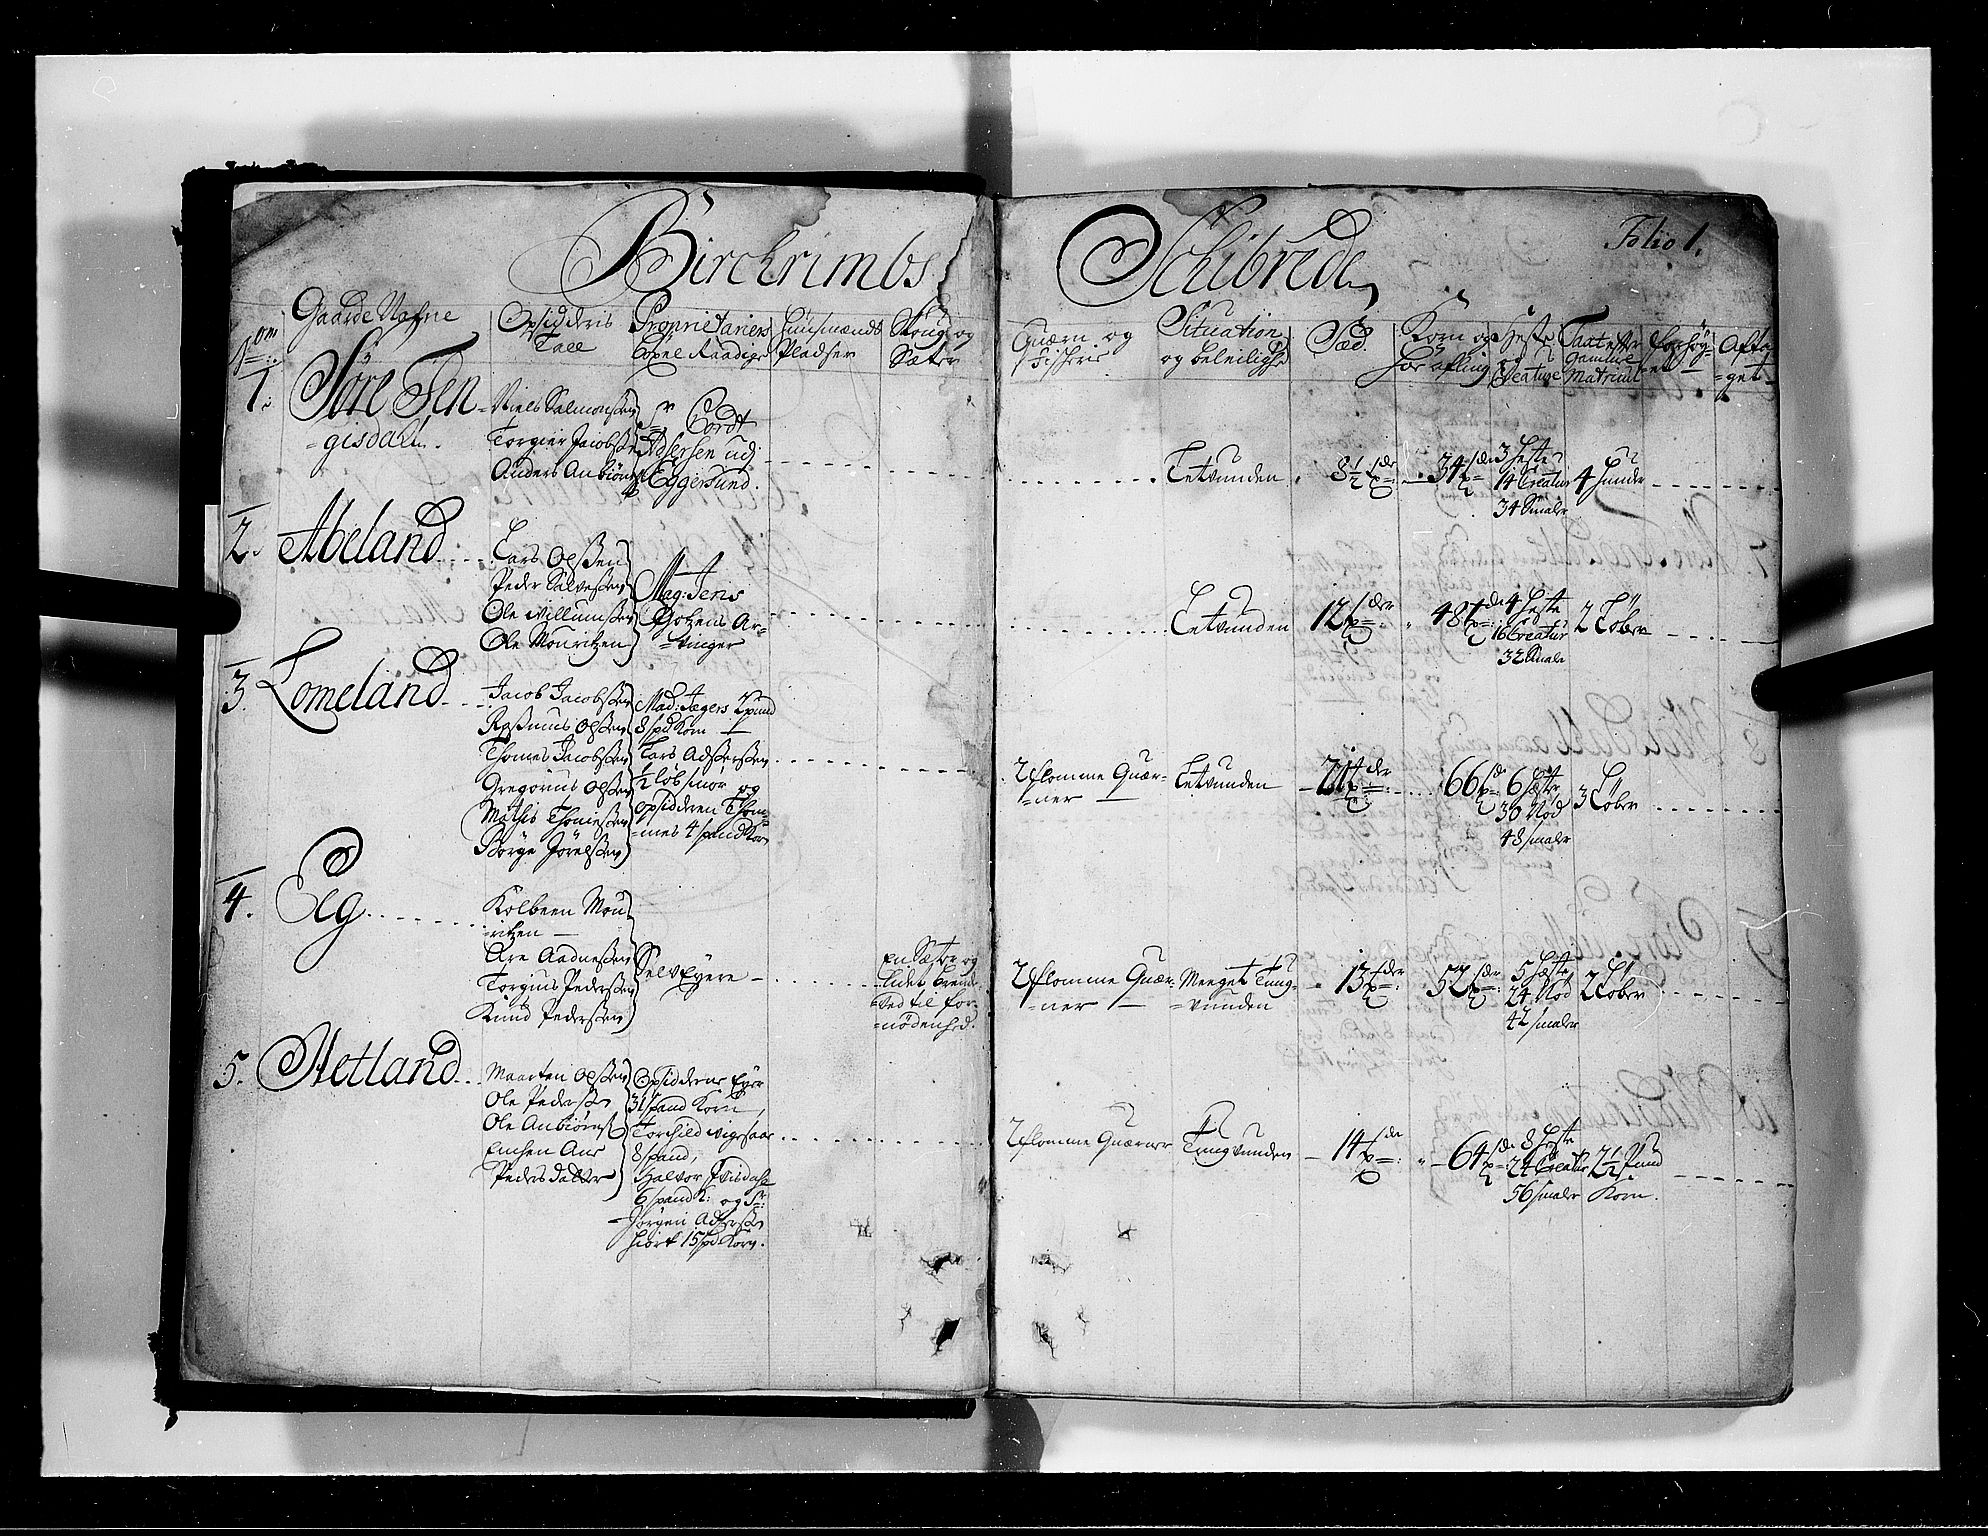 RA, Rentekammeret inntil 1814, Realistisk ordnet avdeling, N/Nb/Nbf/L0131: Jæren og Dalane eksaminasjonsprotokoll, 1723, s. 1a